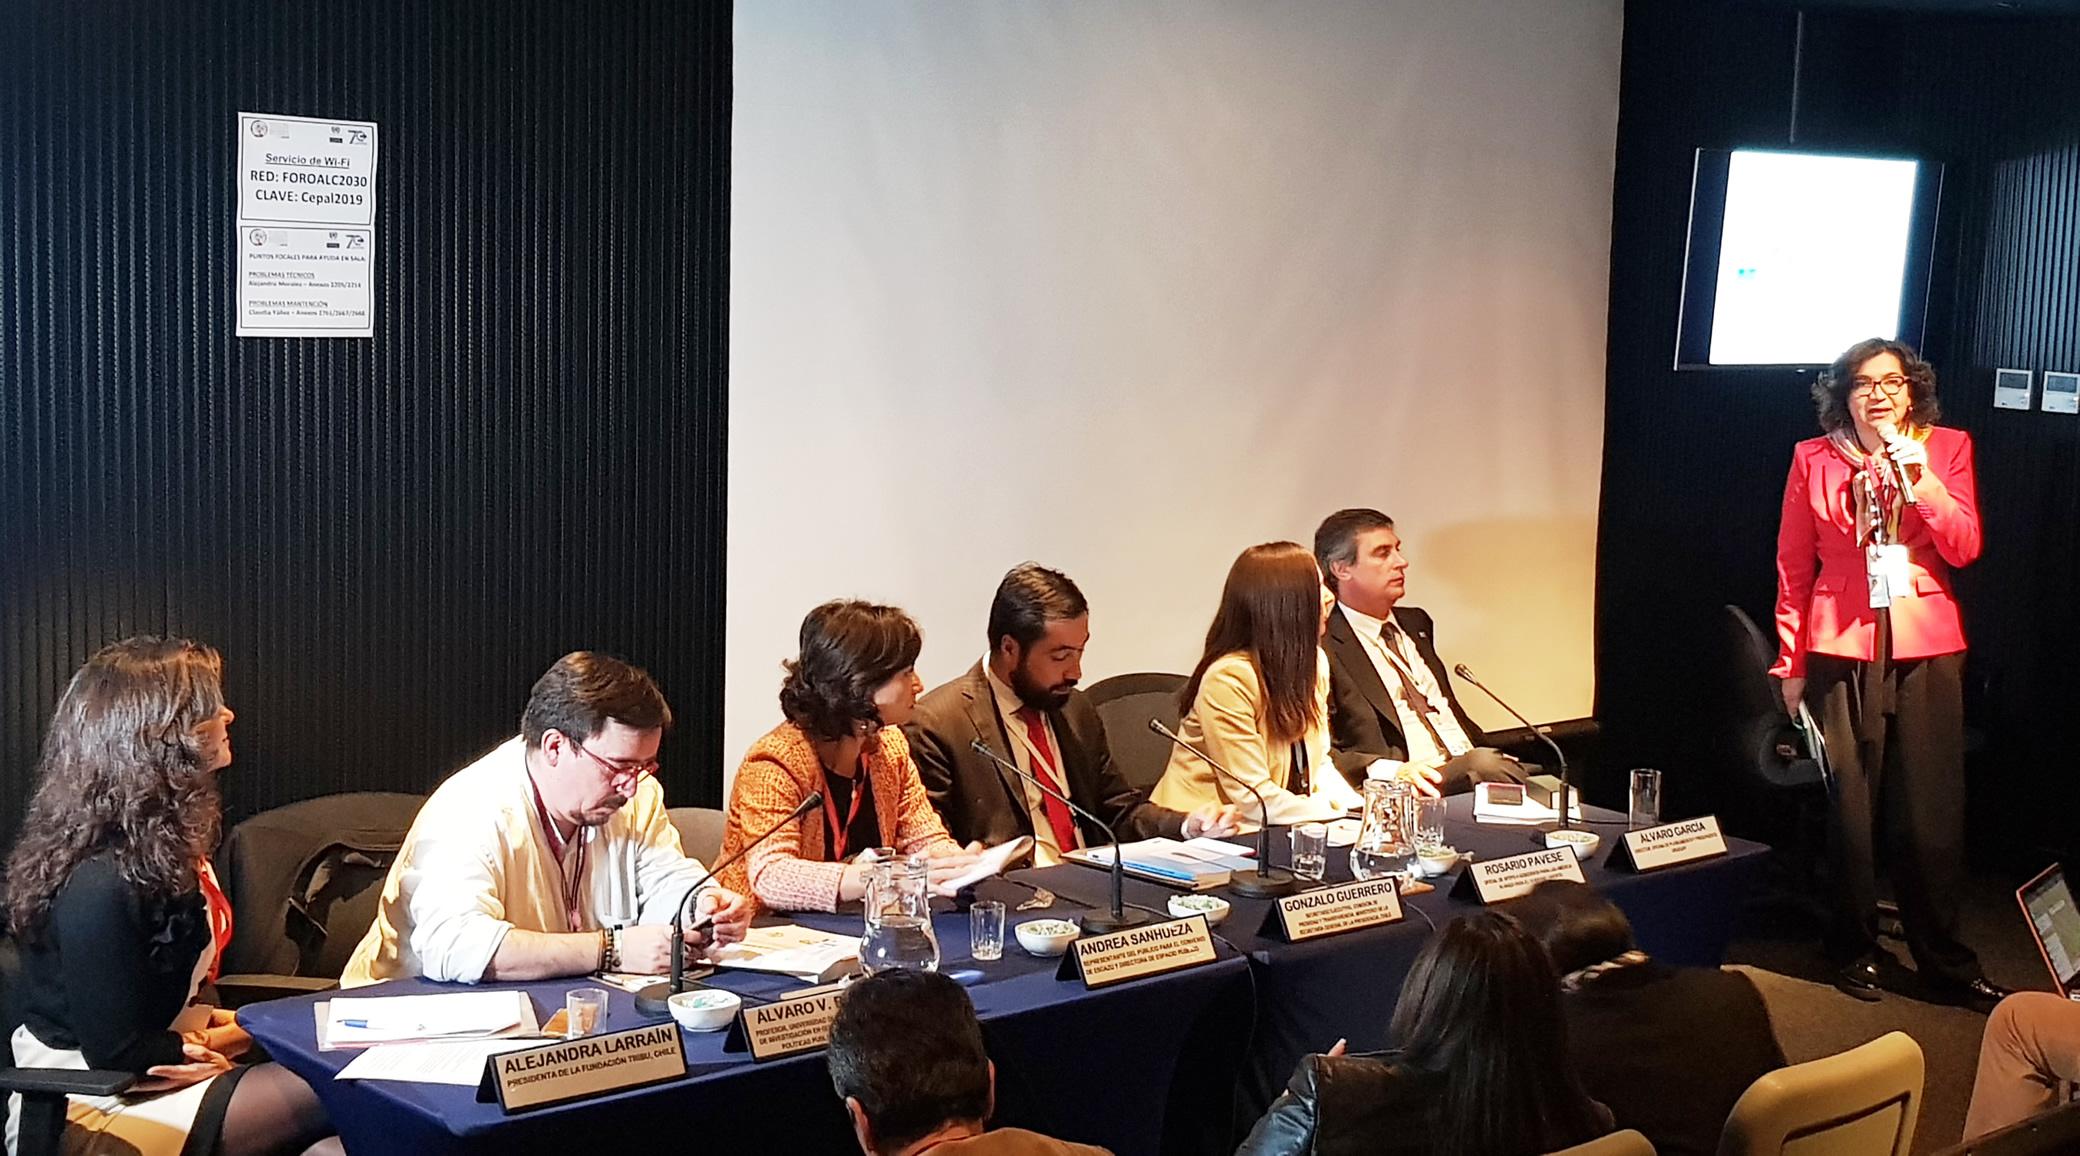 Expertos analizan en la CEPAL el rol del gobierno abierto en la planificación para el desarrollo y el cumplimiento de la Agenda 2030